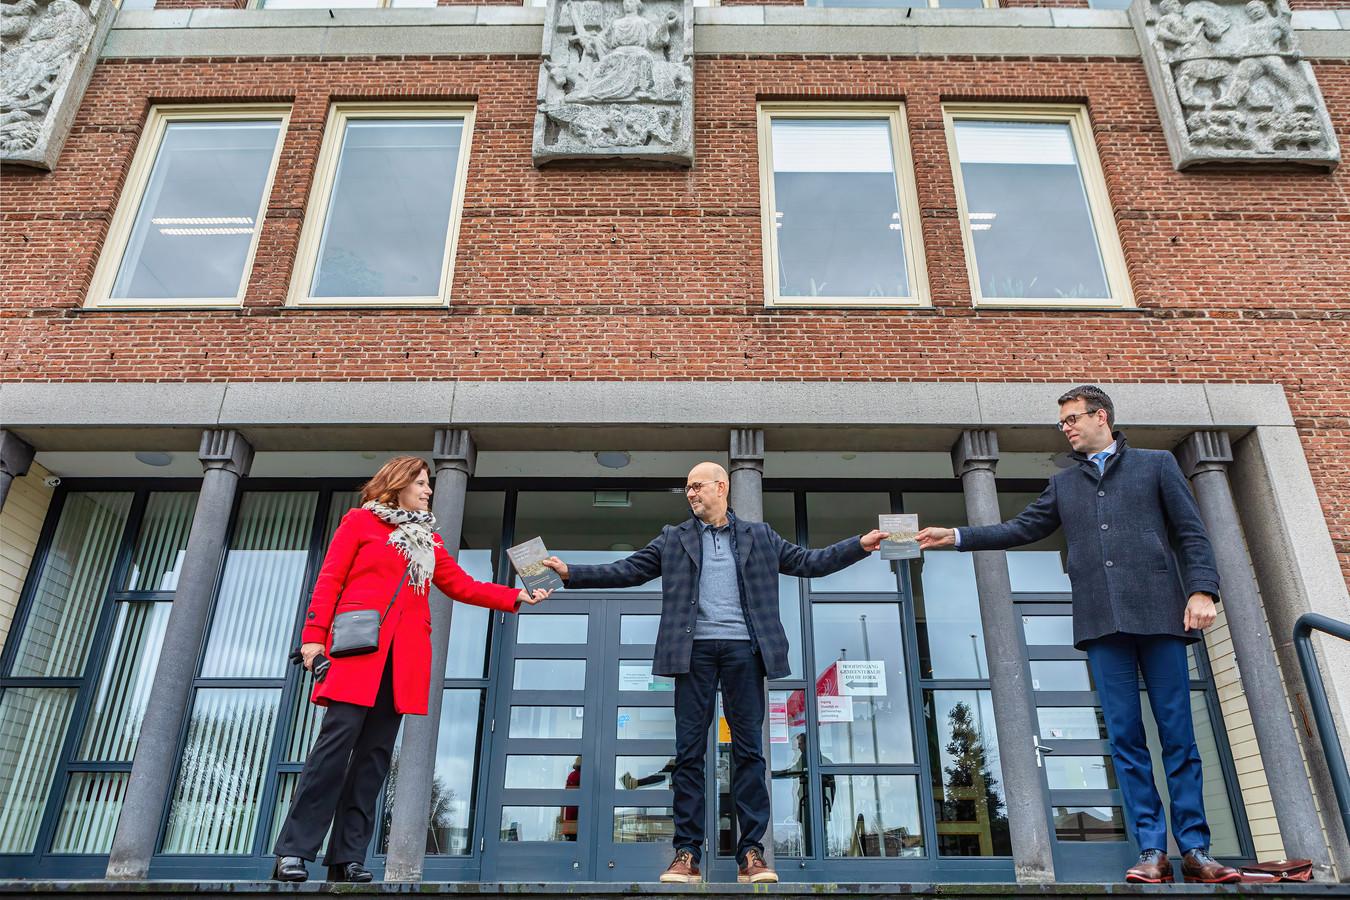 Burgemeester Derk Alssema (r.) en wethouder Ariane Zwarts namen voor het gemeentehuis de eerste exemplaren in ontvangst van het boek dat Kees van der Heijden (m.) heeft geschreven over het legerkamp bij Rijen tussen 1830 en 1839.